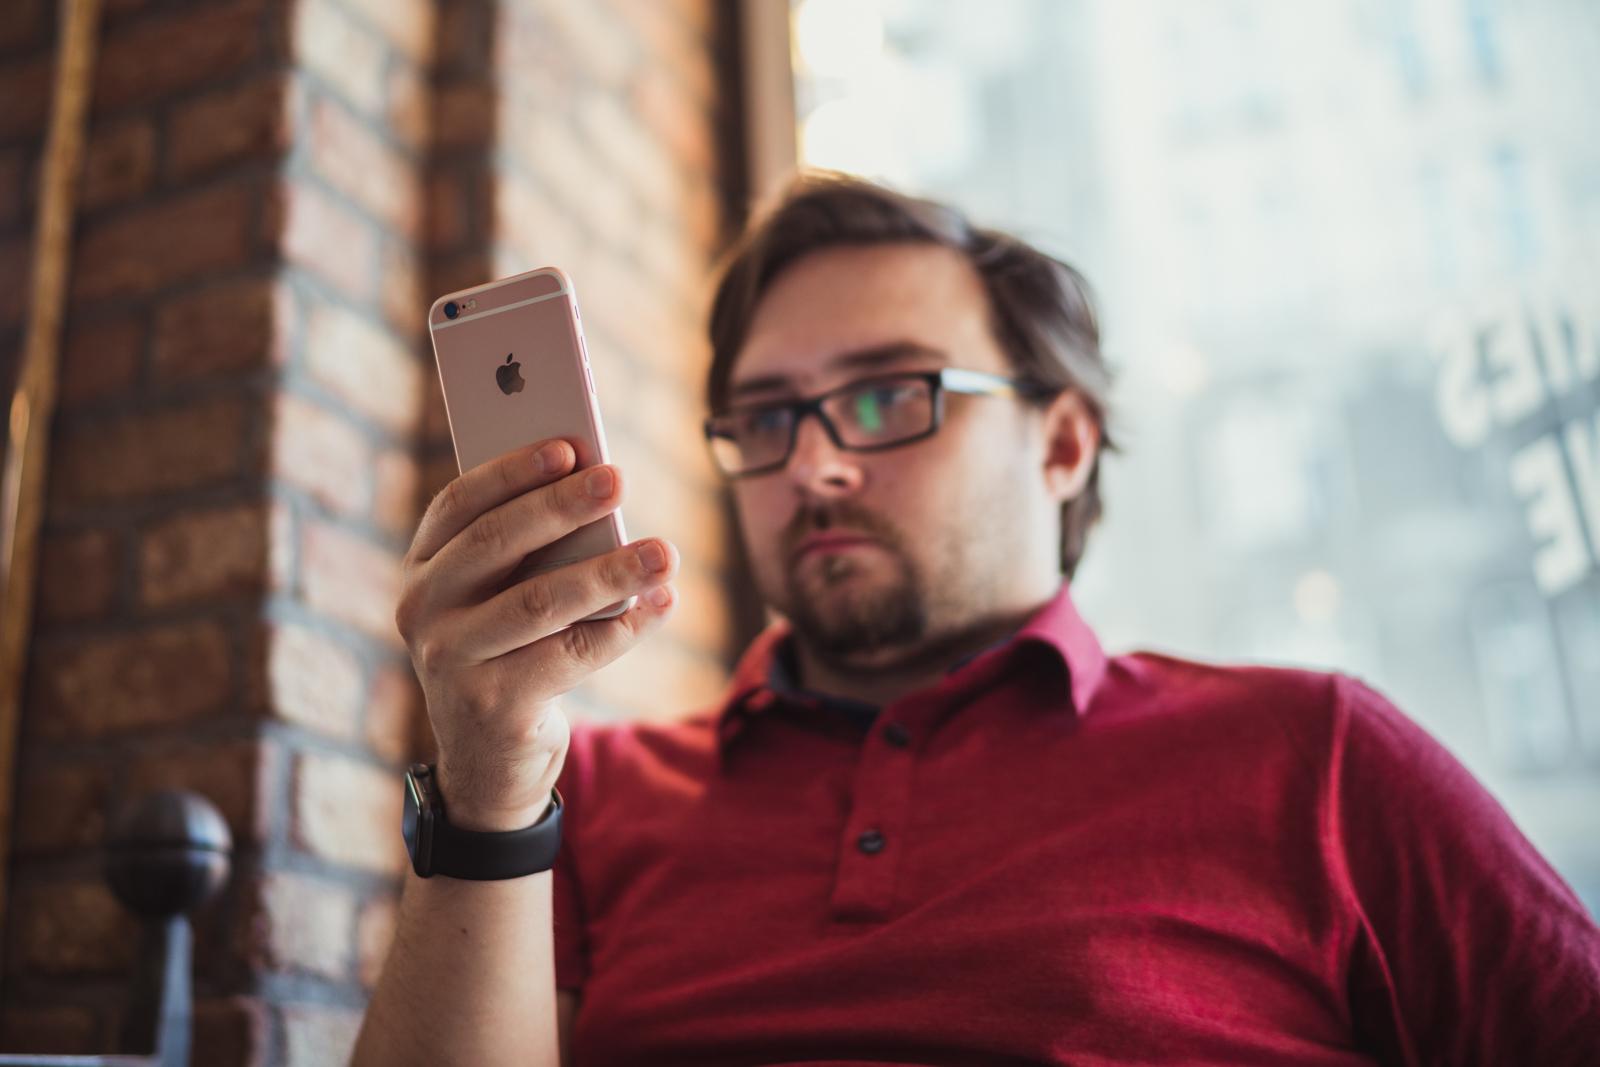 Poznaj największy bajer nowych iPhone'ów – 3D Touch – oraz nowy iOS 9 – recenzja Spider's Web